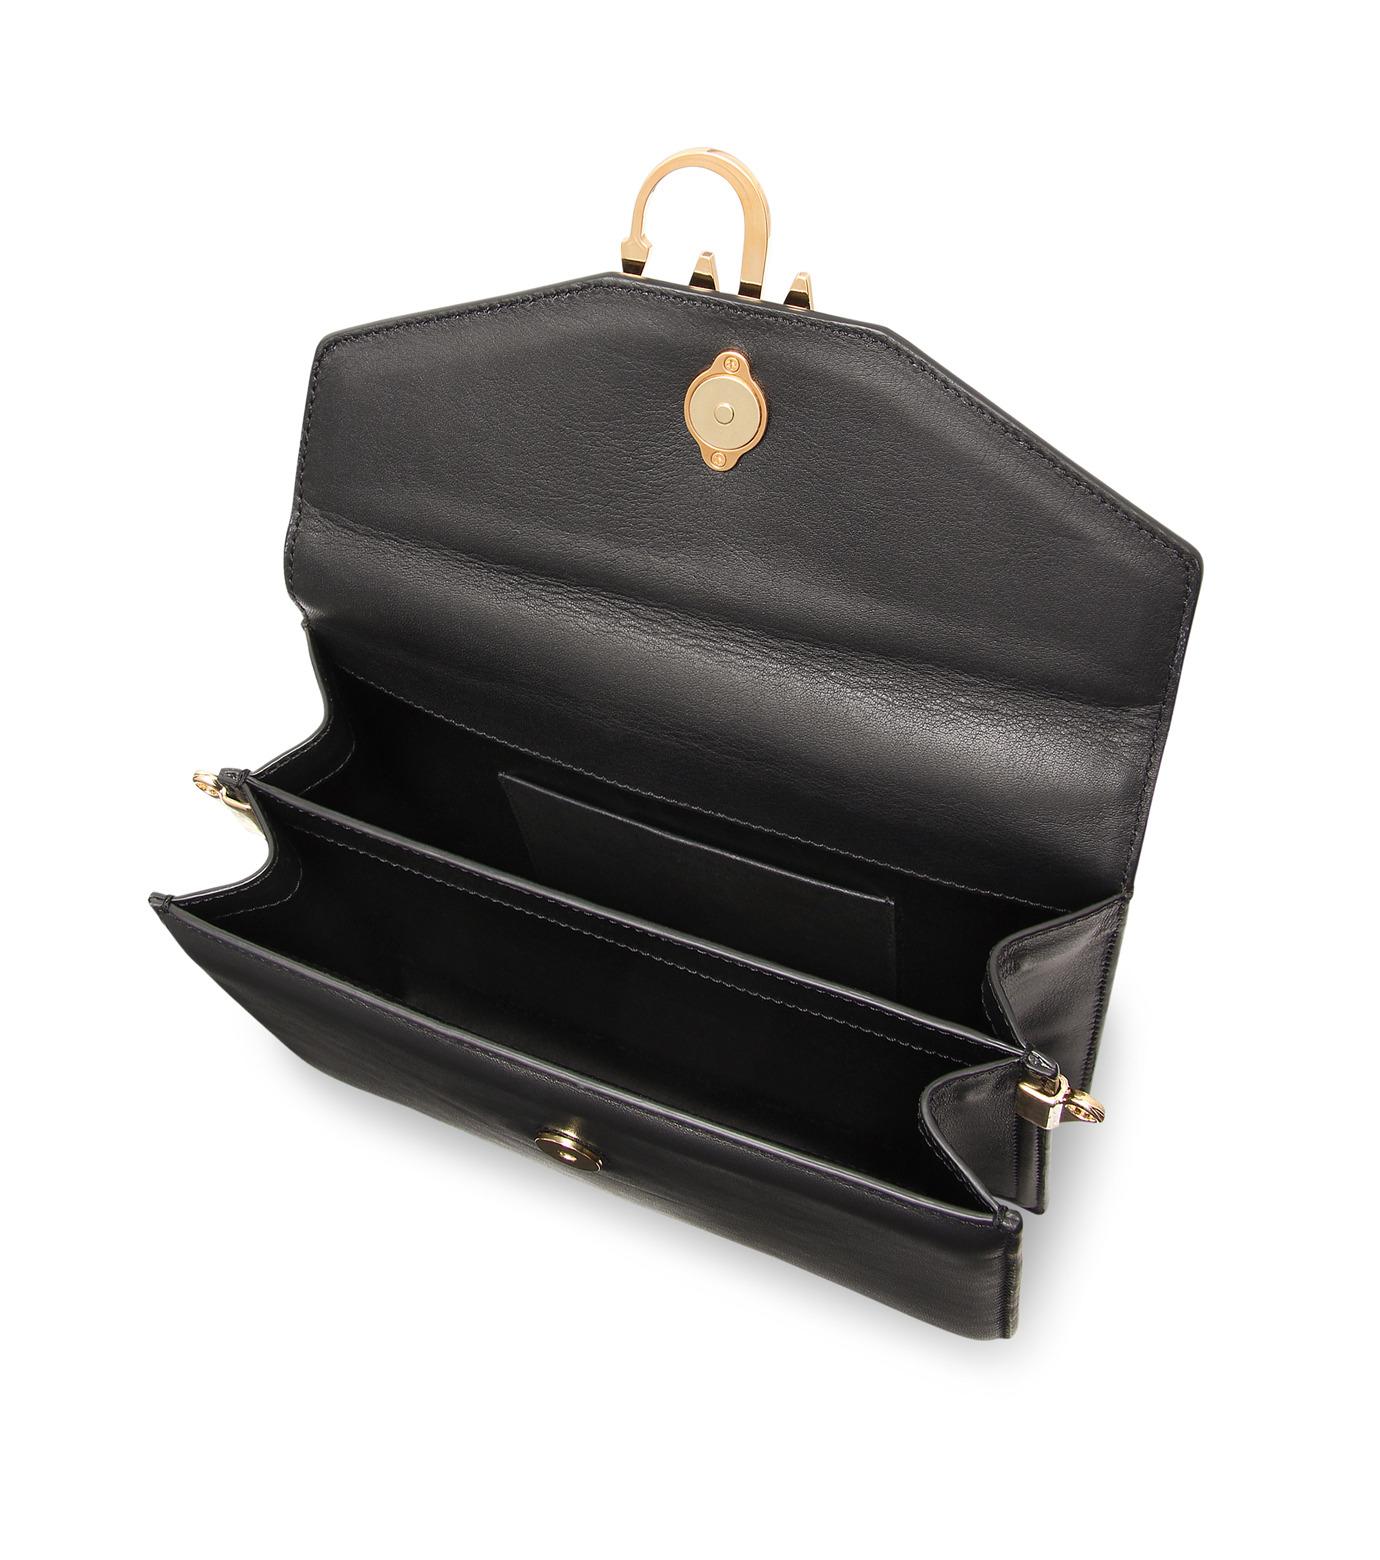 J.W.Anderson(ジェイダブリュー アンダーソン)のLogo Purse-BLACK(ハンドバッグ/hand bag)-HB03615-13 拡大詳細画像4